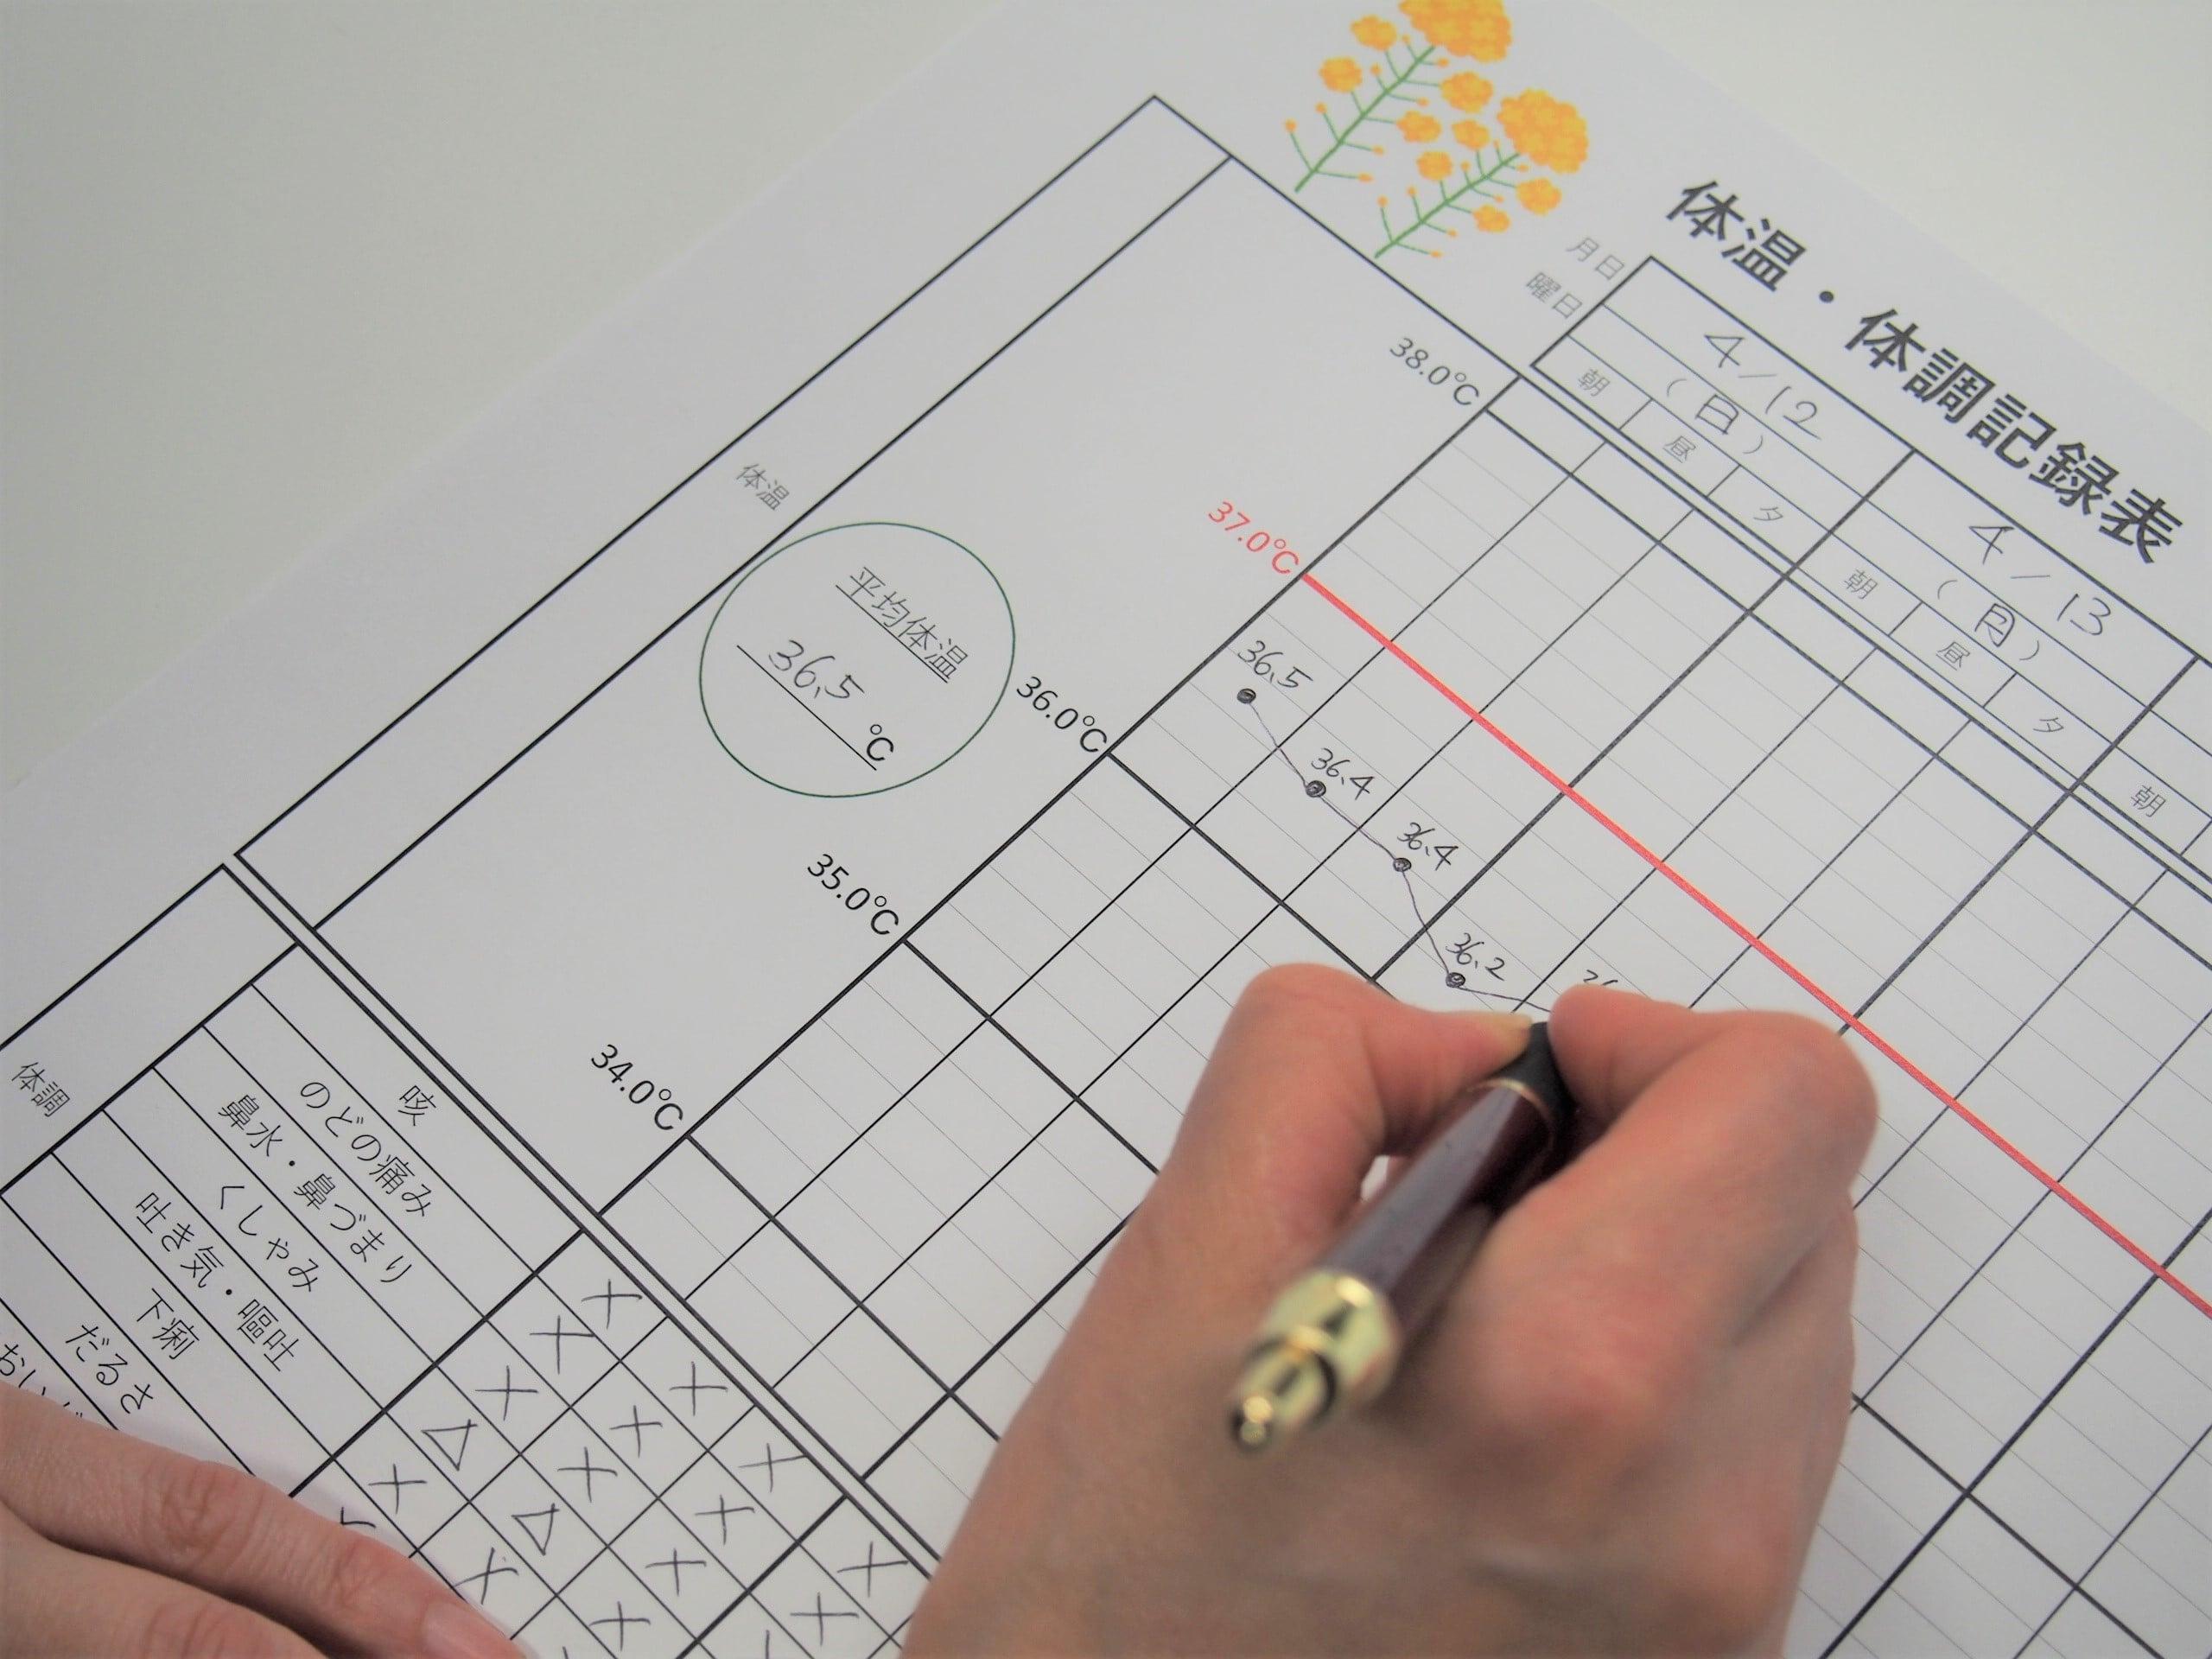 体温・体調記録表を作成しました|生活サービス|有料老人ホーム ...